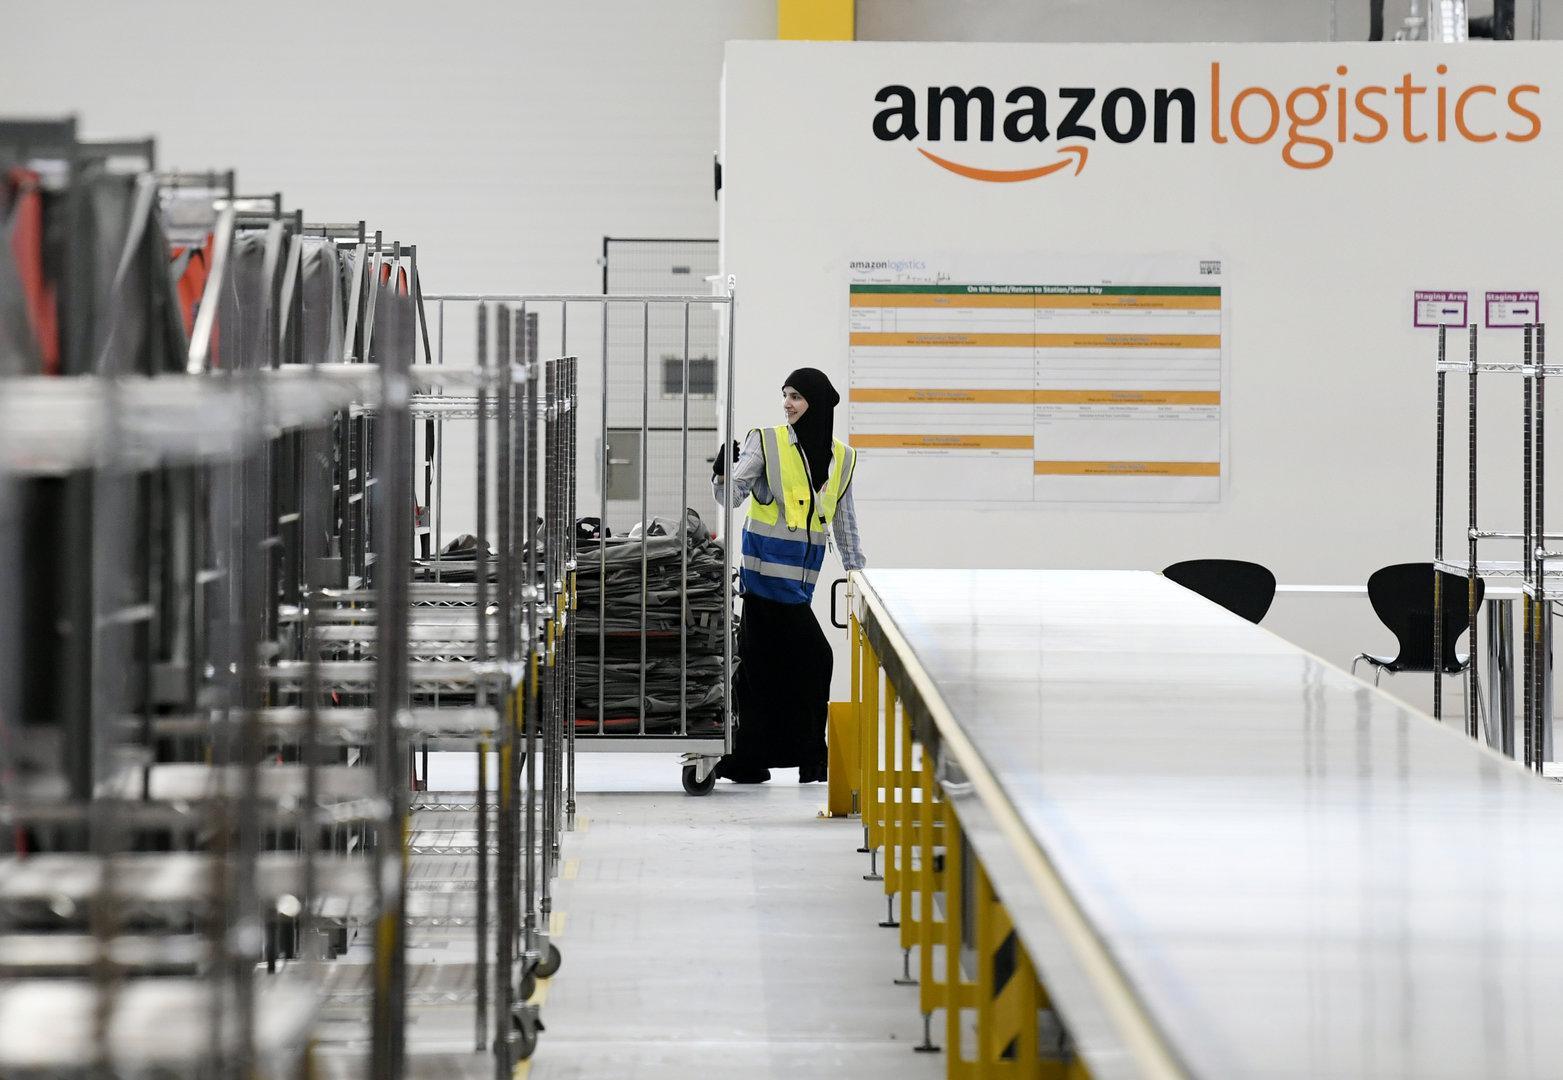 Paket-Trend: Hier baut Amazon Österreichs zweites Verteilzentrum